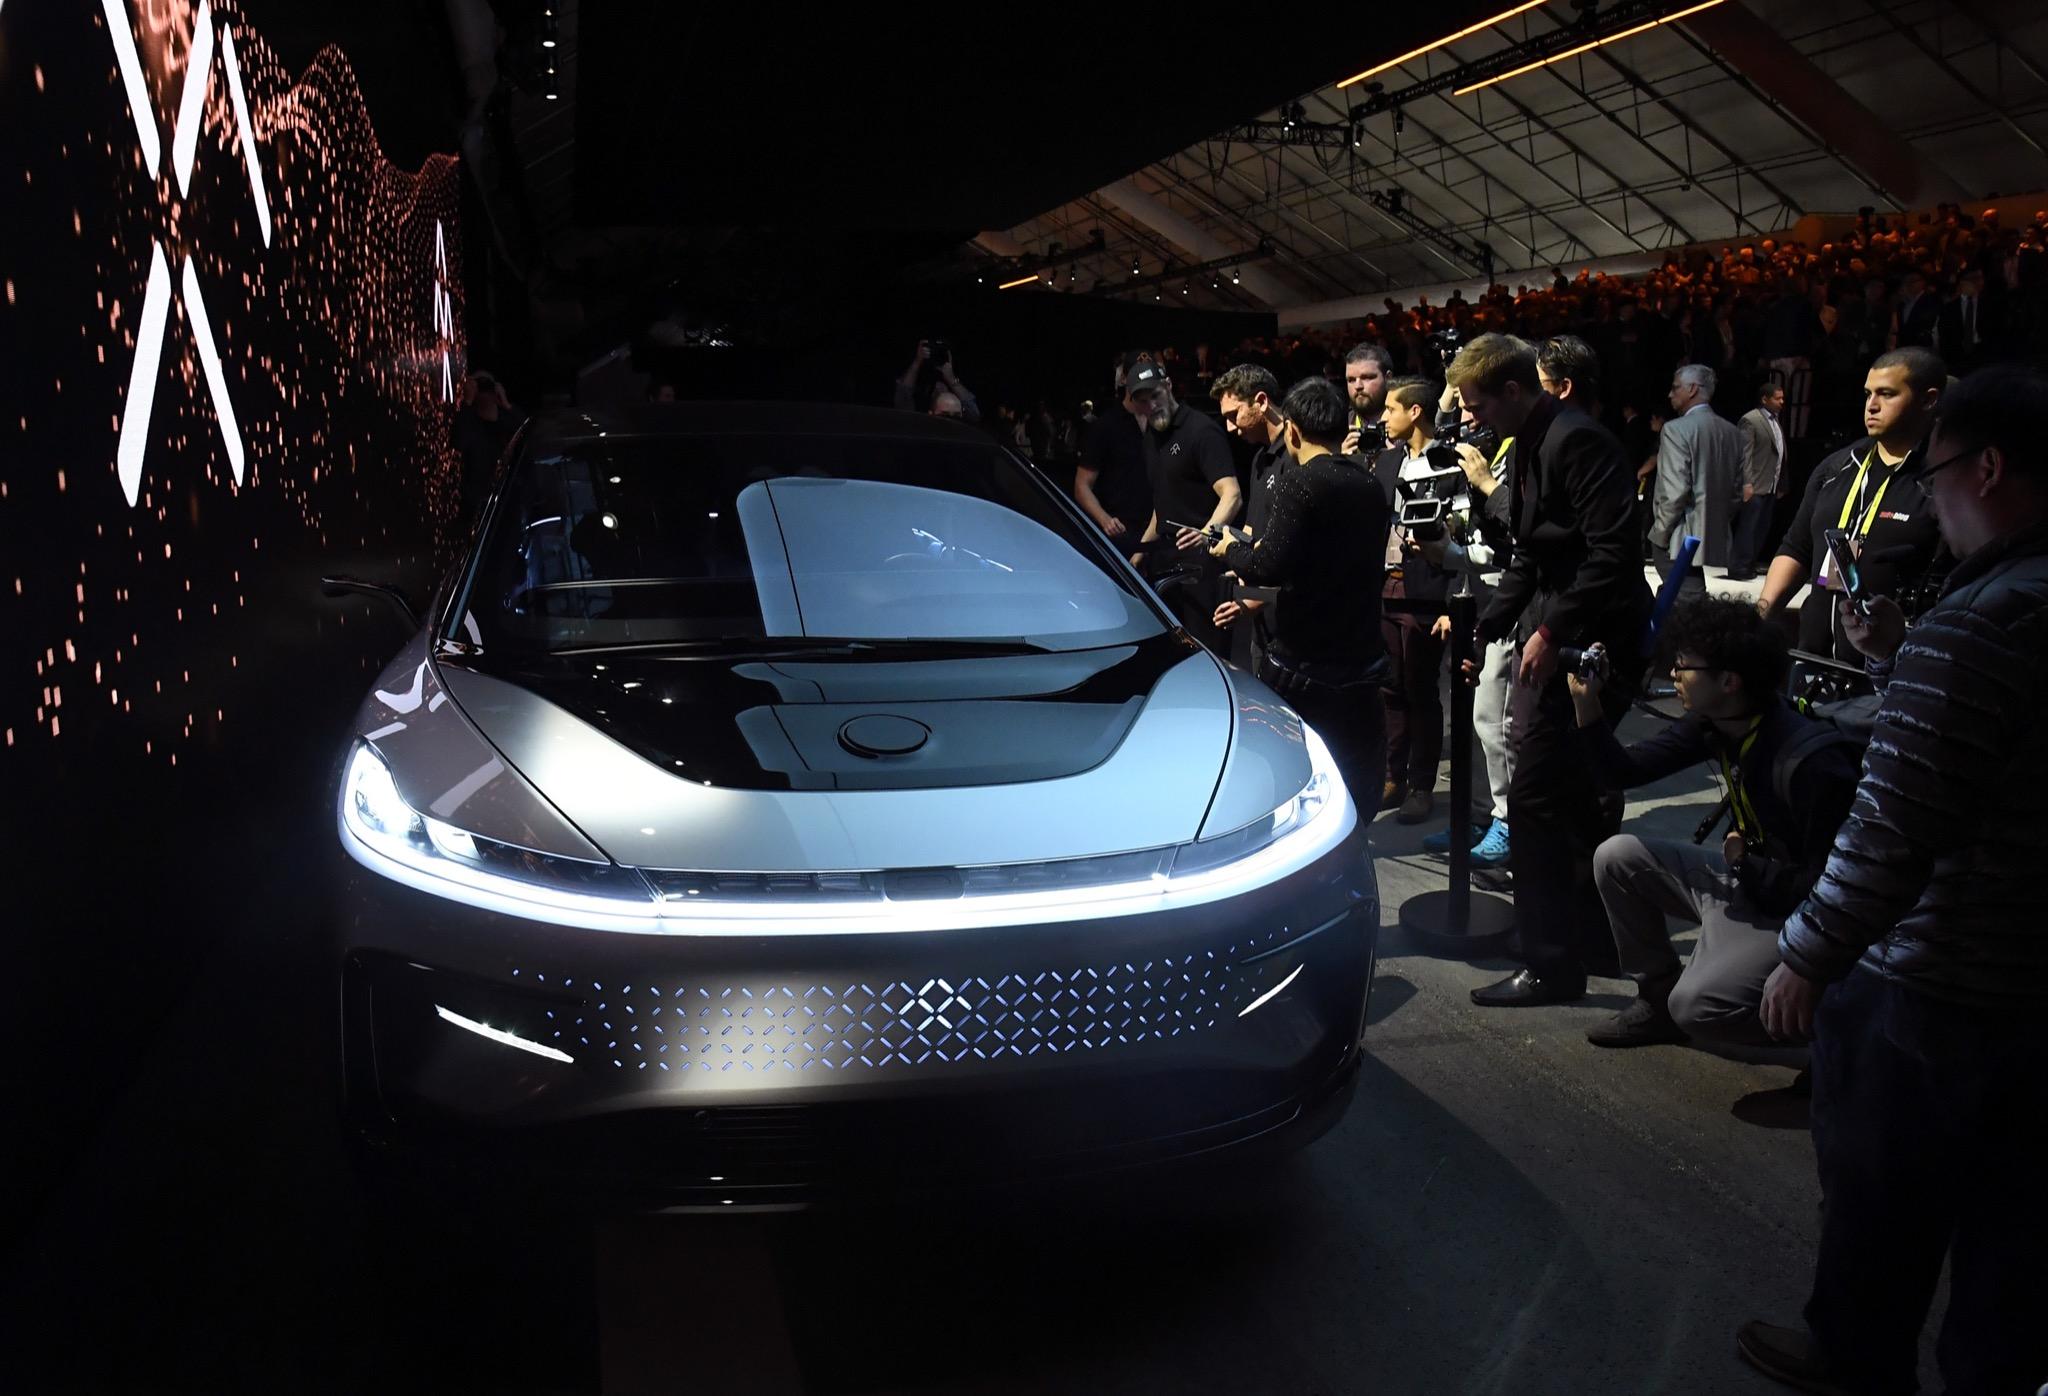 Faraday Future claims Tesla-beating supercar - SFGate